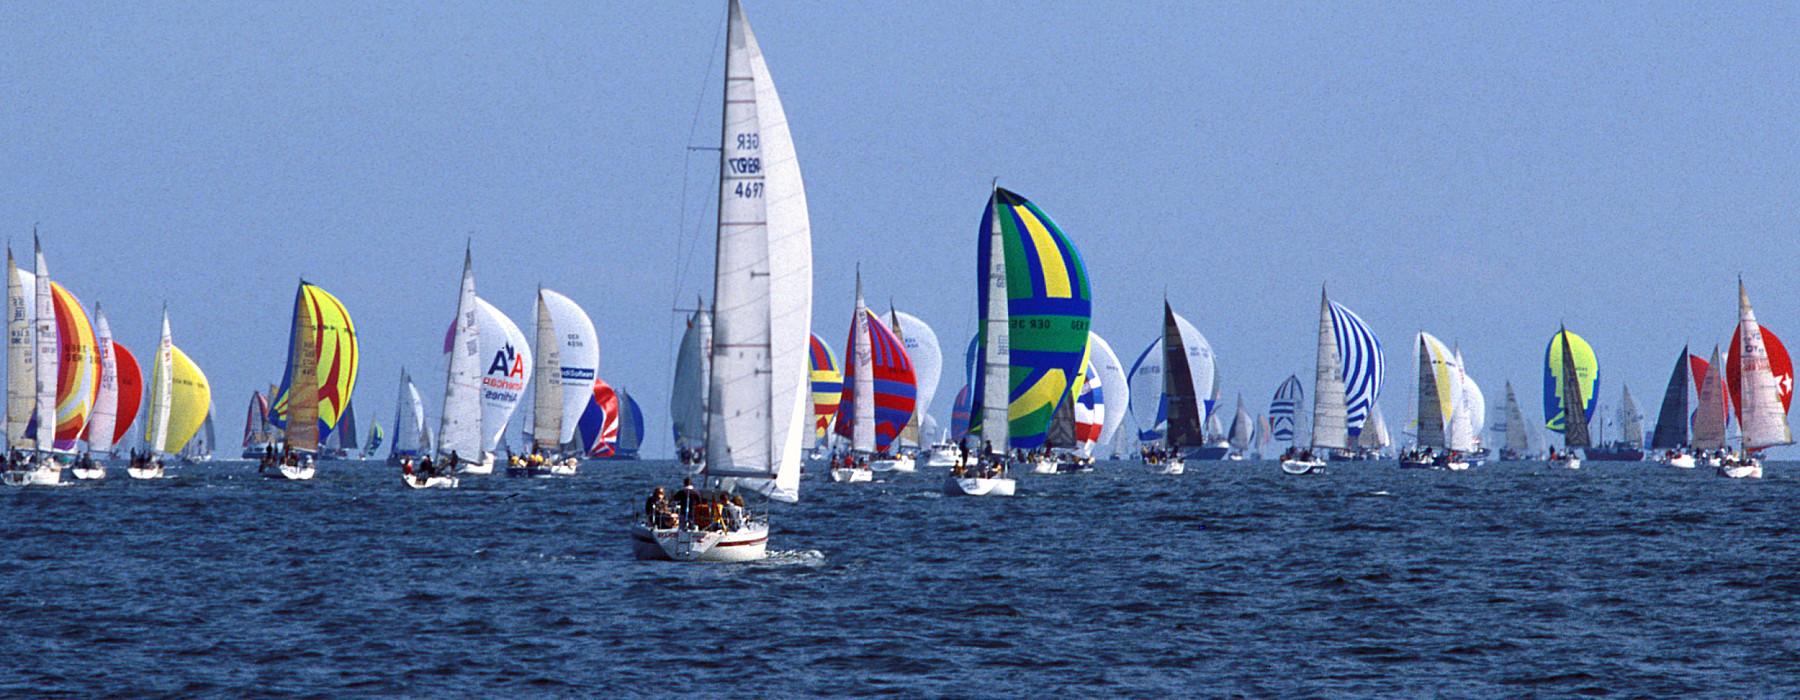 regatta_big